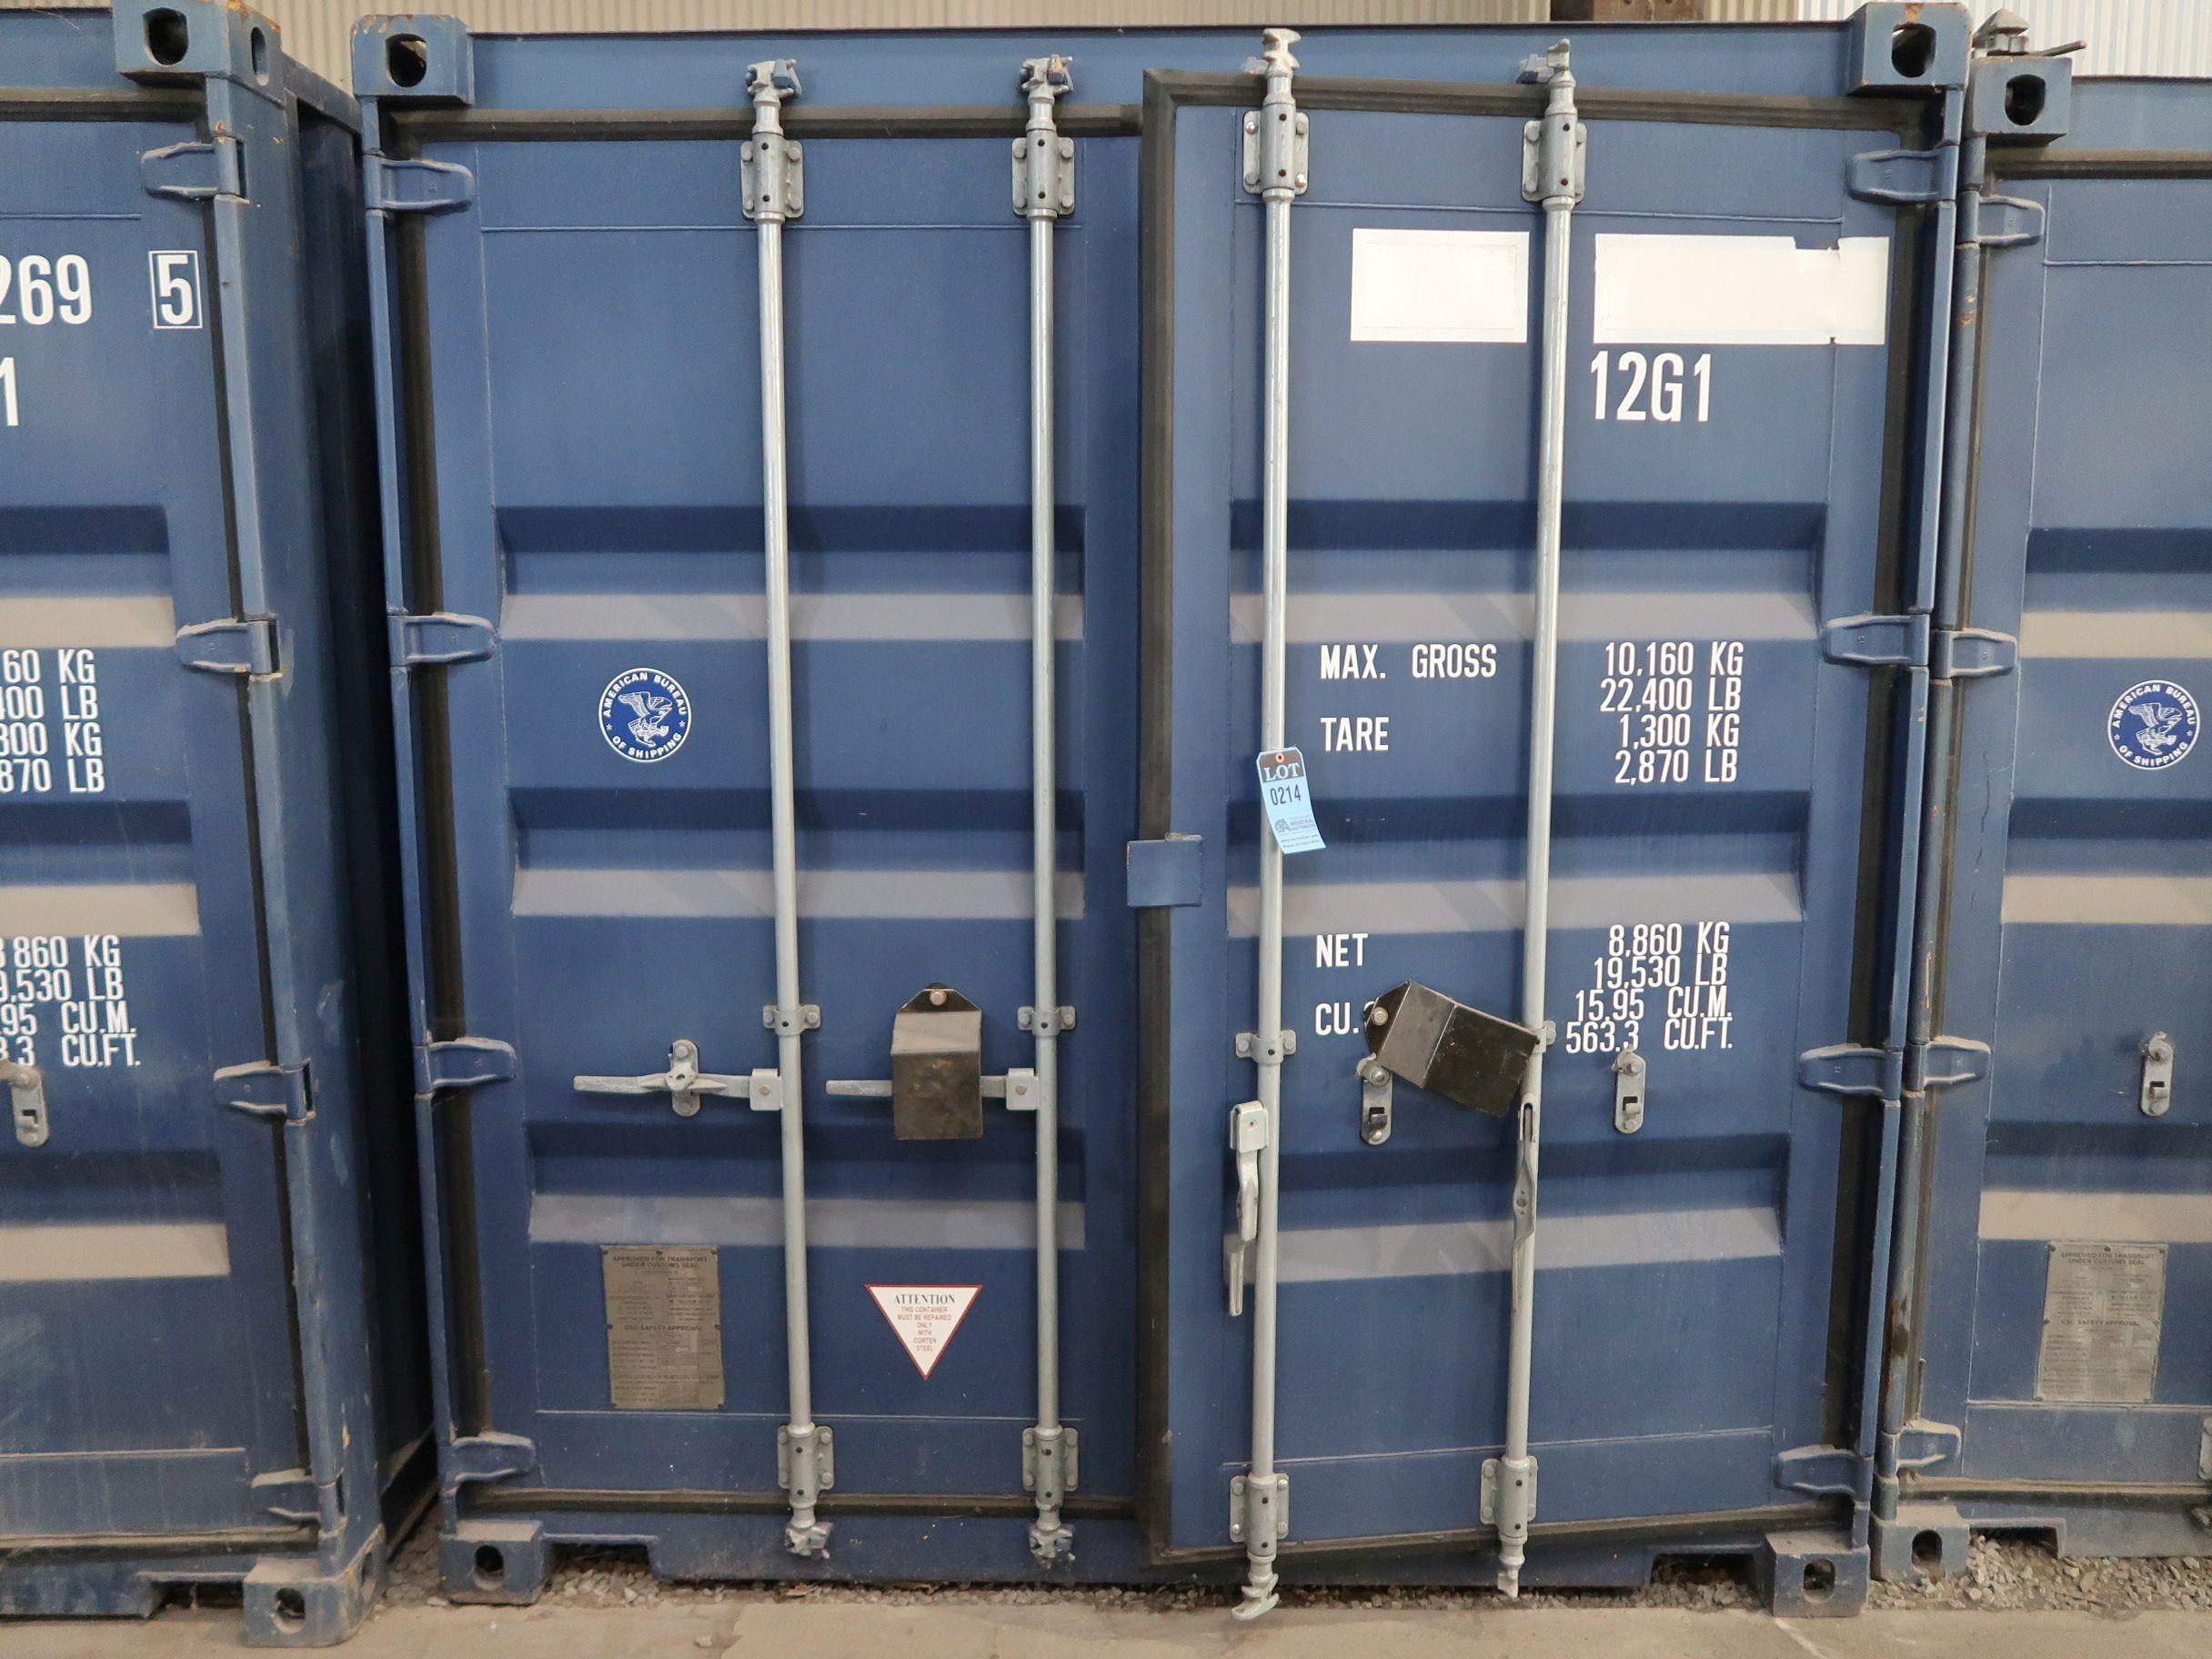 """Lot 214 - 96"""" X 118"""" X 102"""" X 563 CU. FT. CONEX STORAGE CONTAINER WITH STANDARD DOOR"""